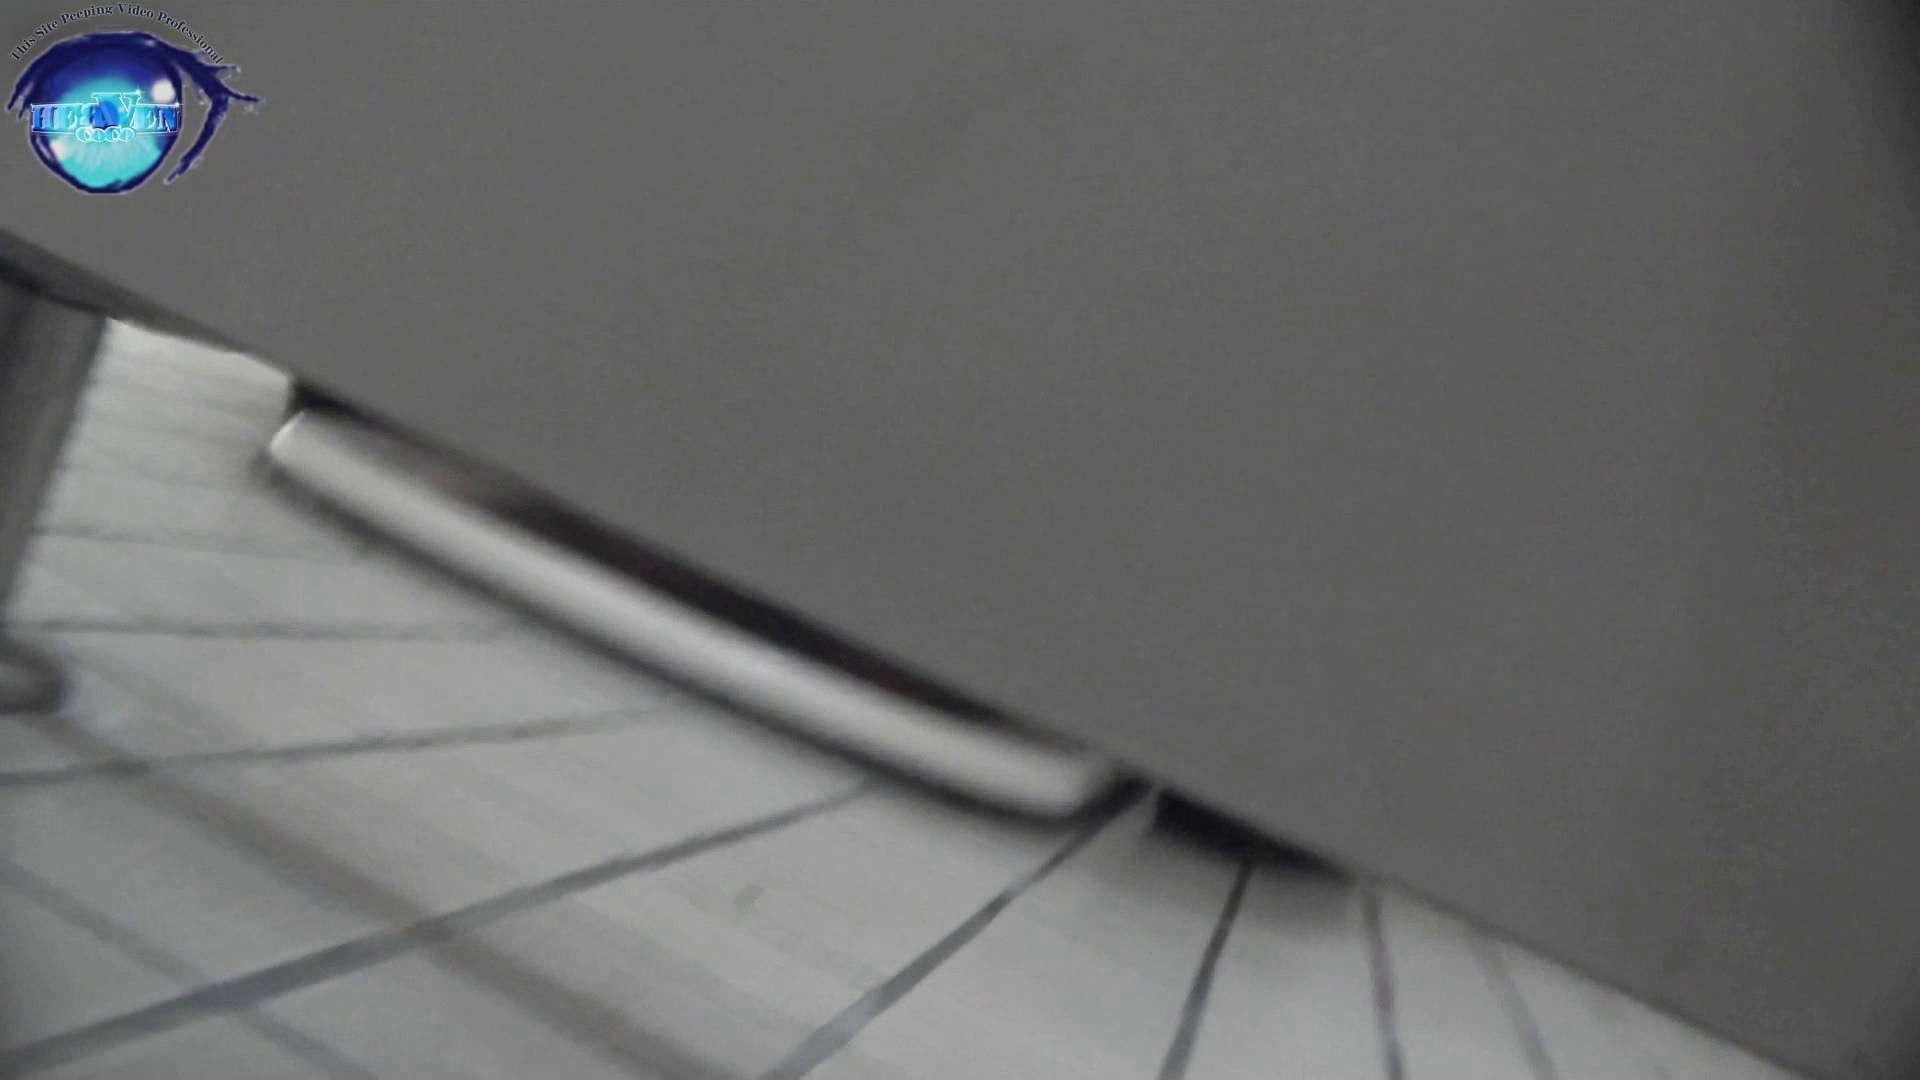 お銀さん vol.59 ピンチ!!「鏡の前で祈る女性」にばれる危機 前編 美人   OL女体  108連発 69